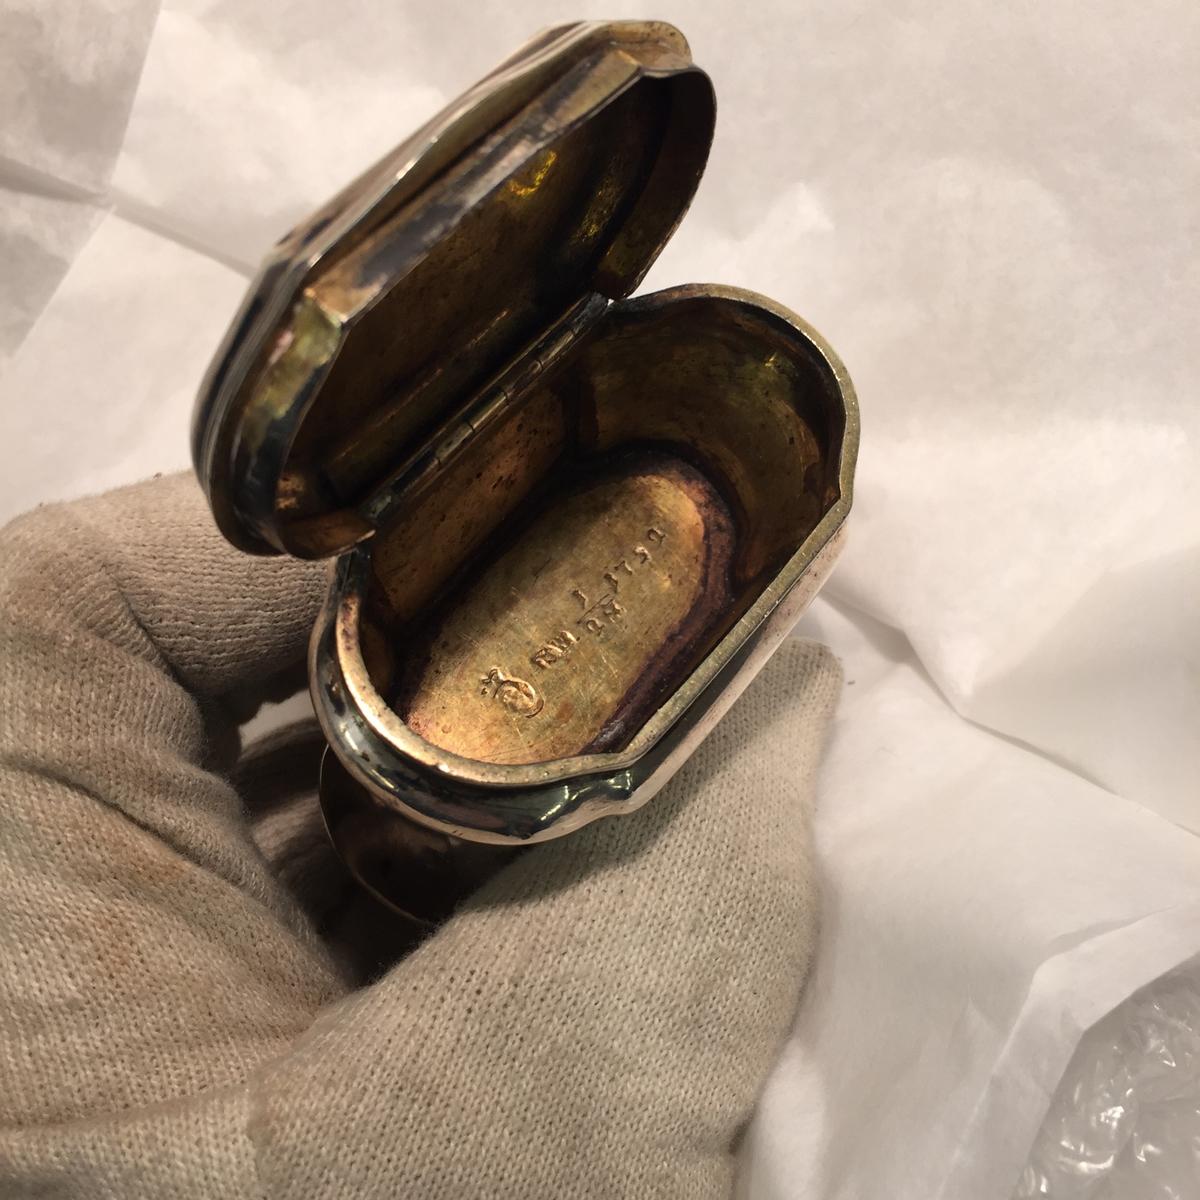 Snusdosa av silver. Invändigt förgylld. Släta konkava sidor och vertikala åsar. Dubbeldosa med lock i båda ändar.